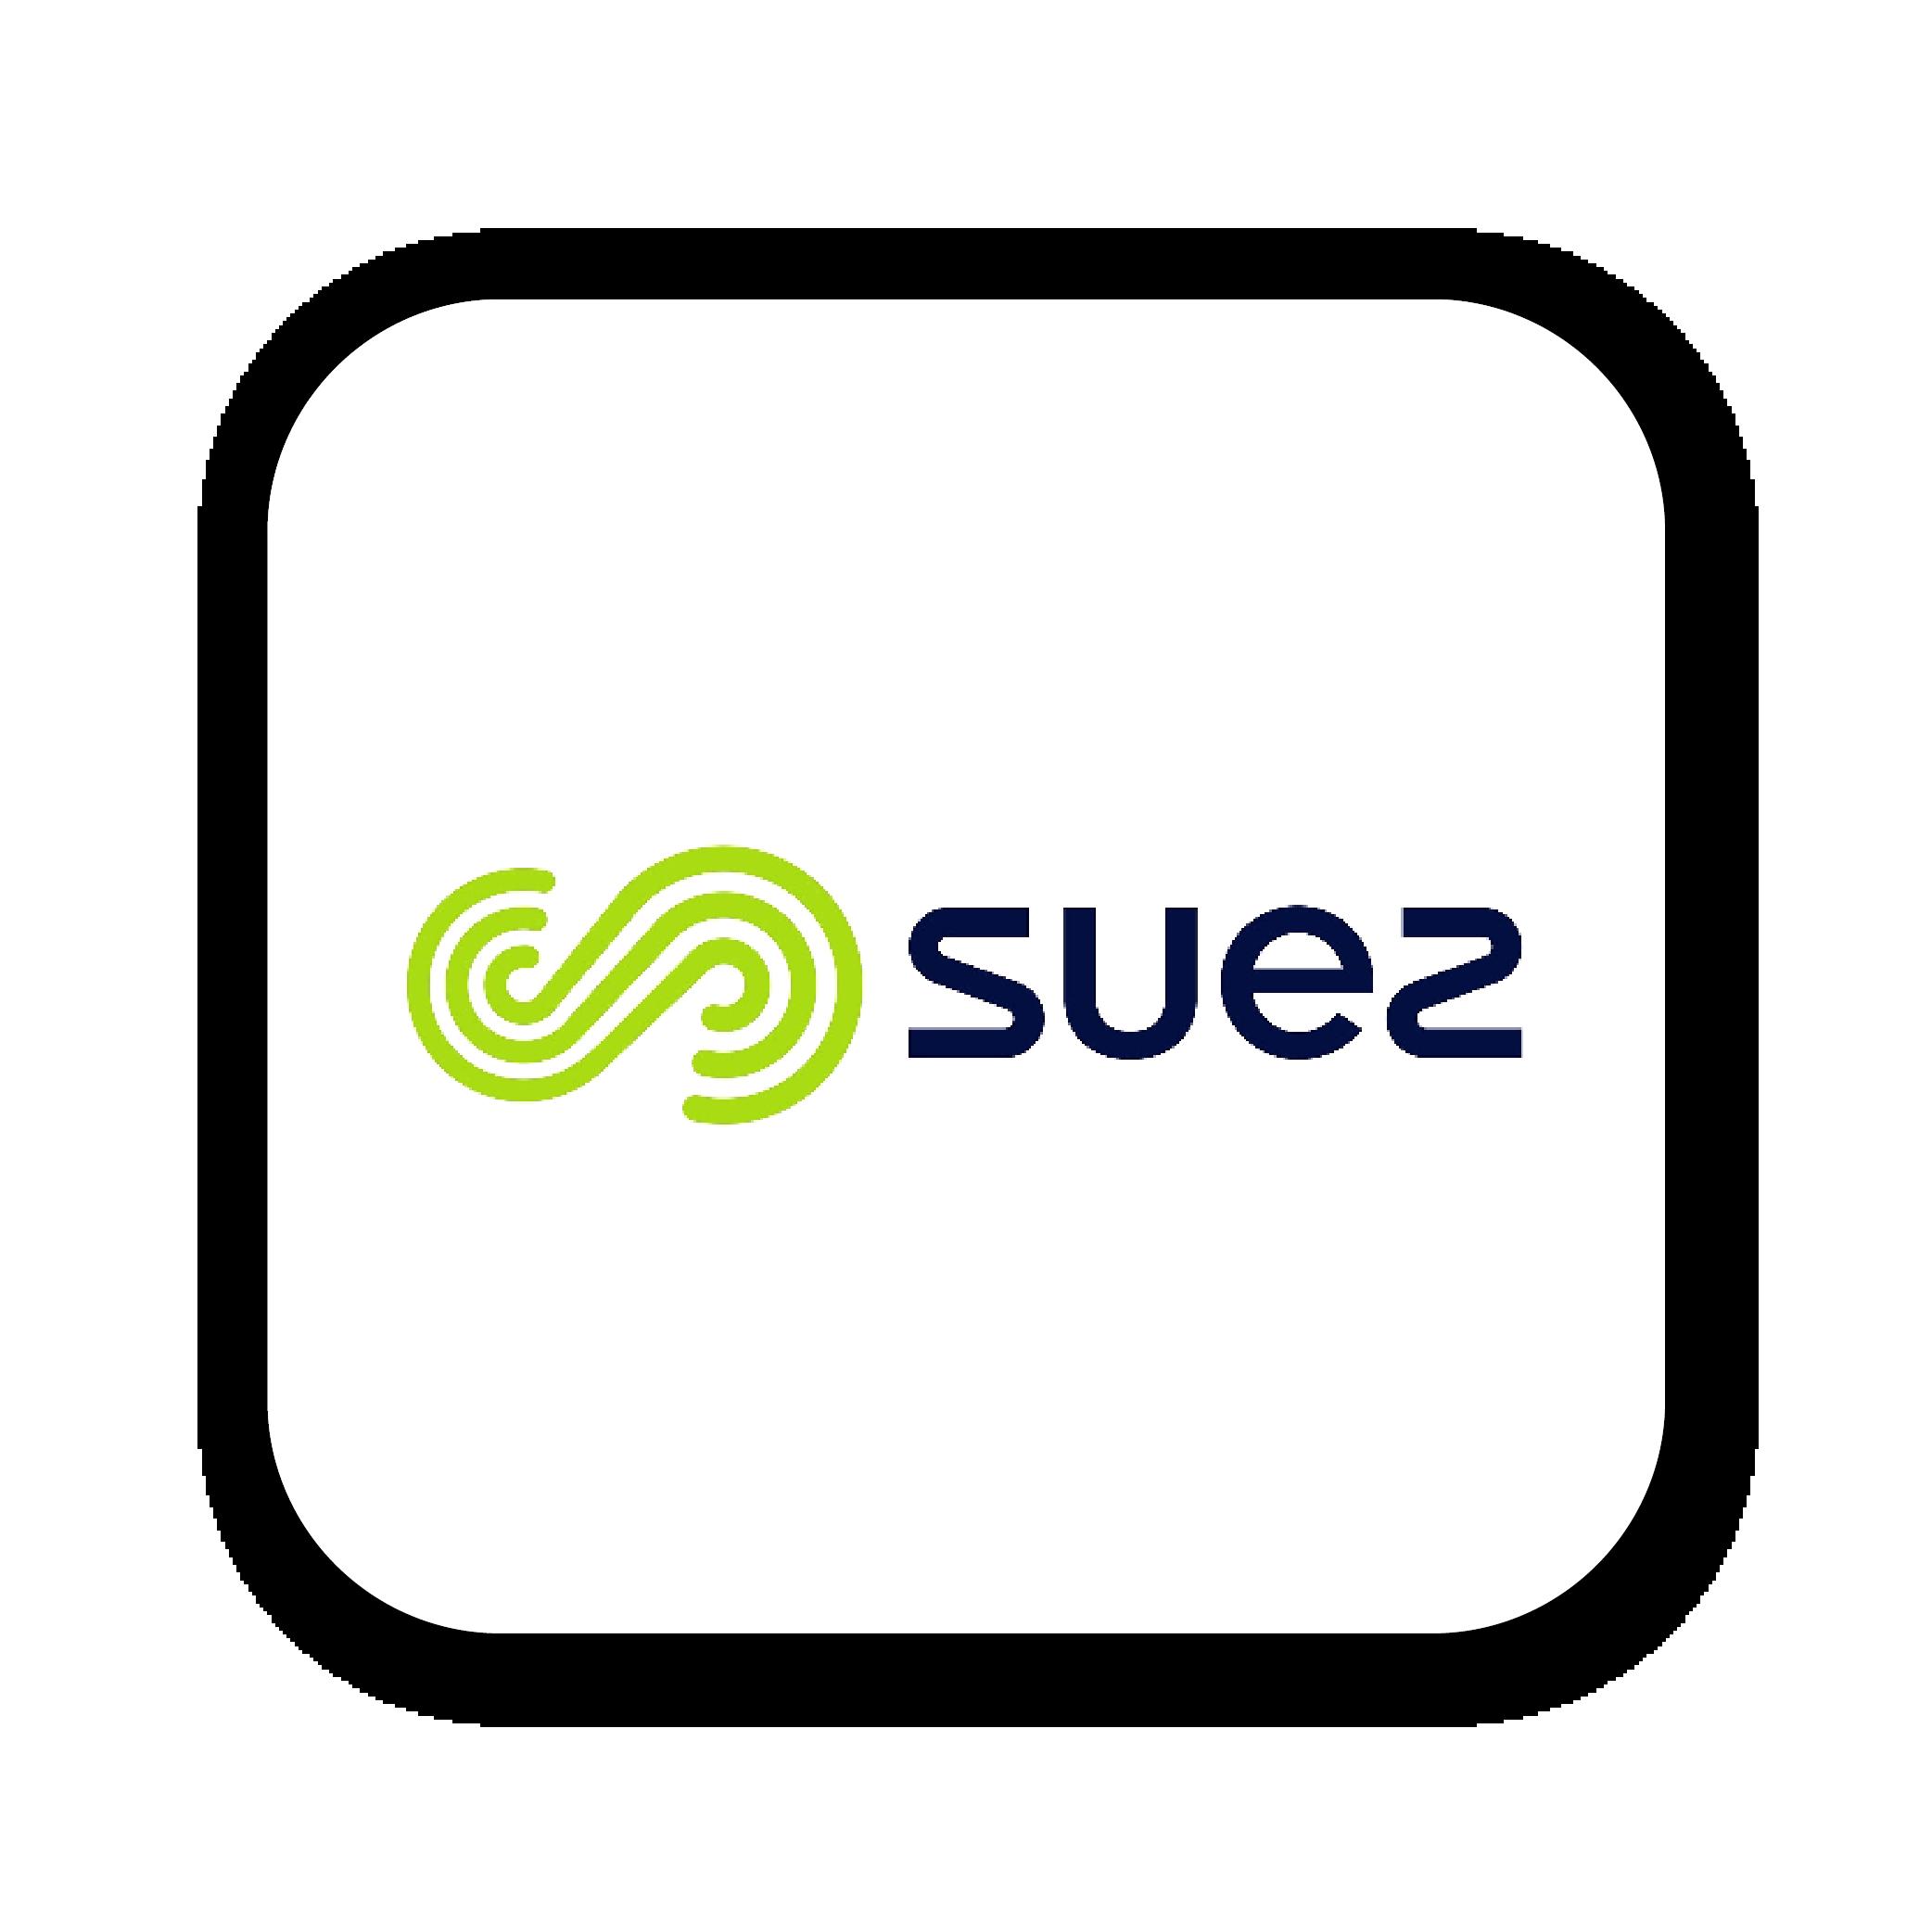 logo-08-2.png